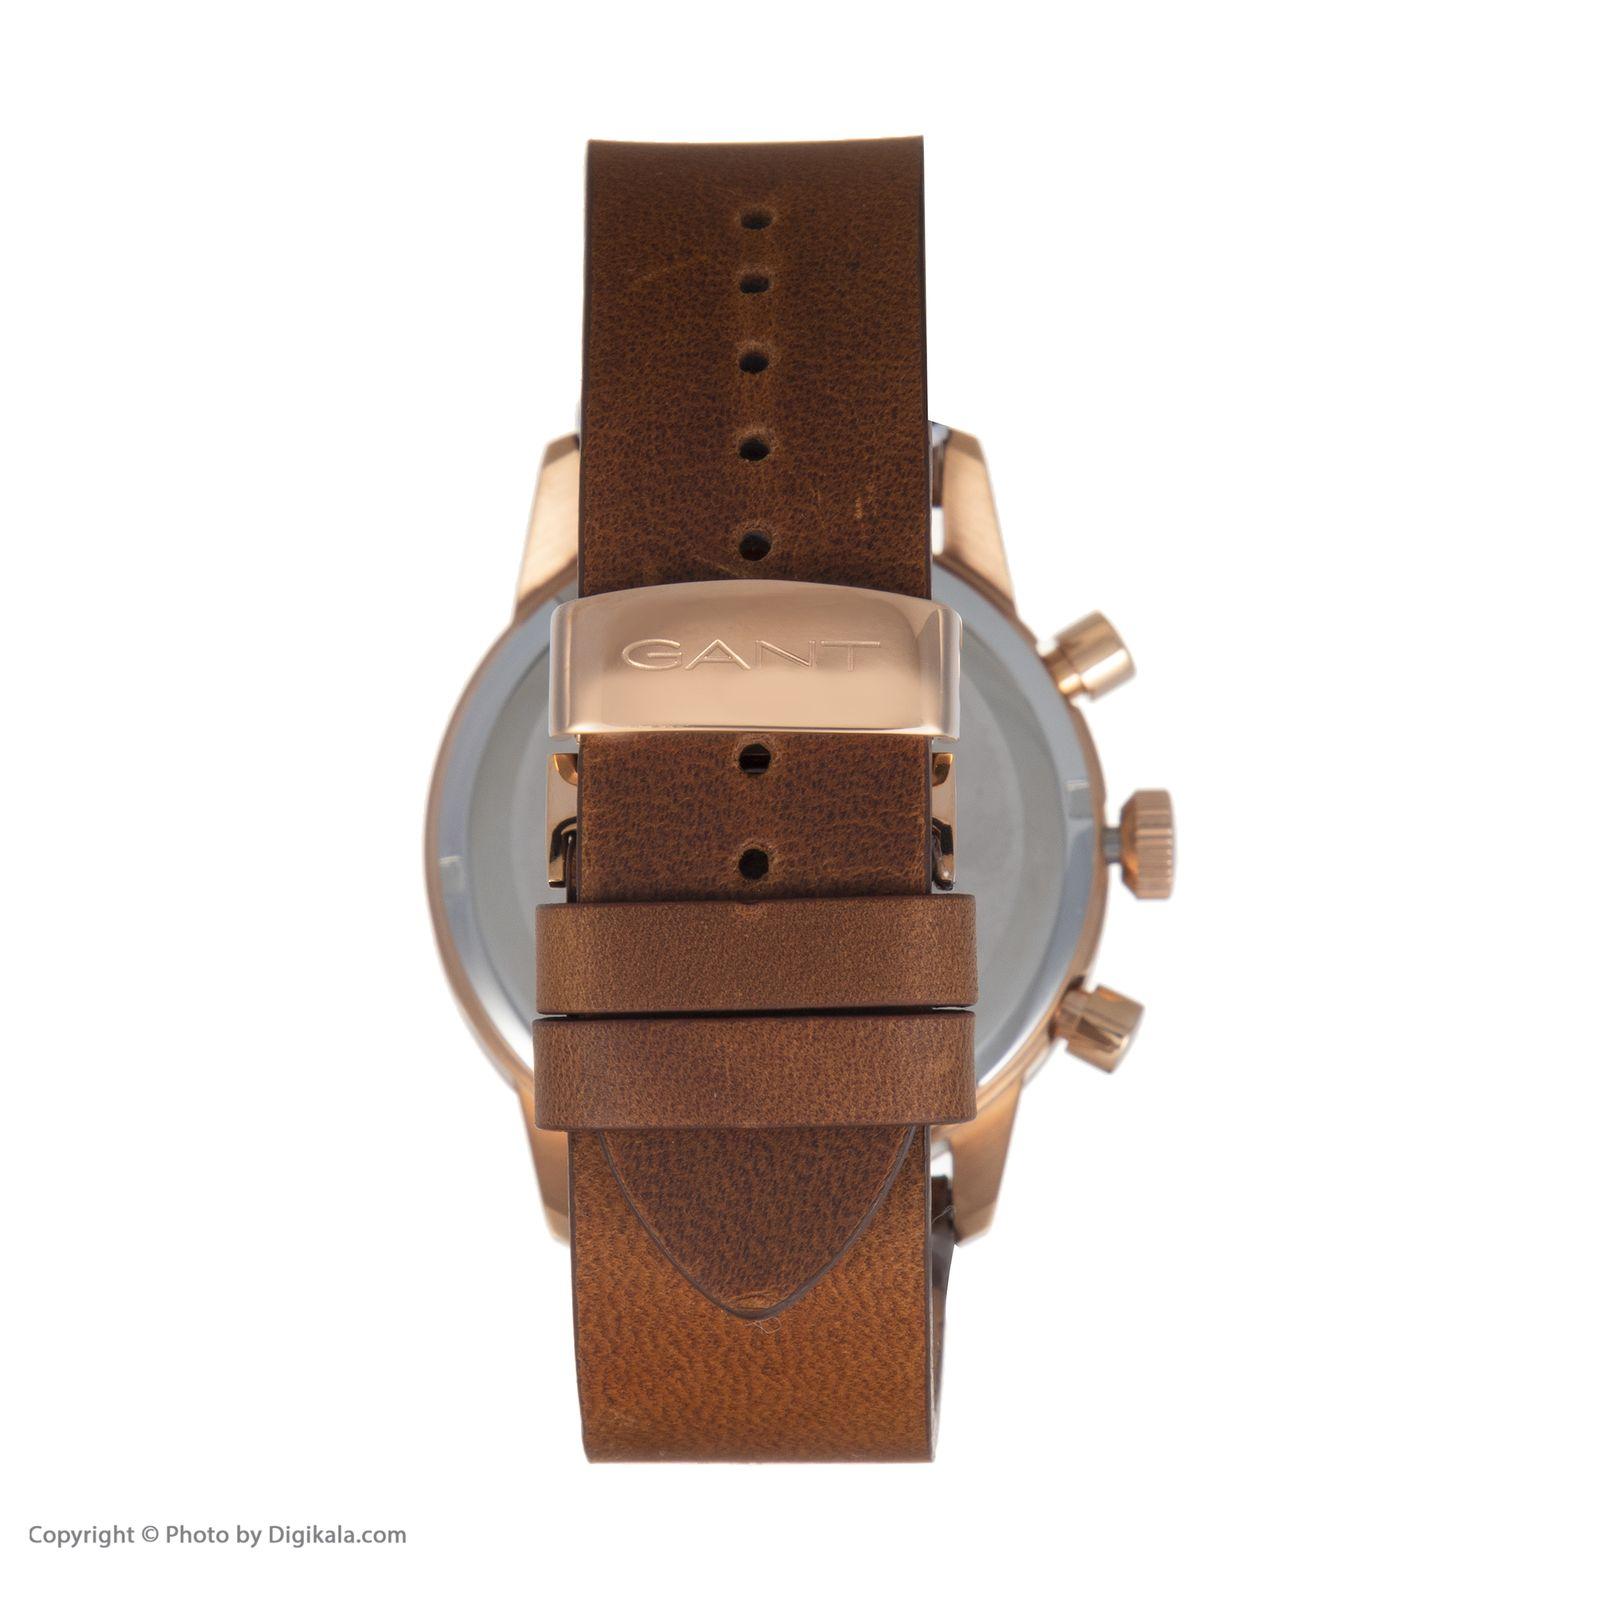 ساعت مچی عقربه ای مردانه گنت مدل GWW064005 -  - 4